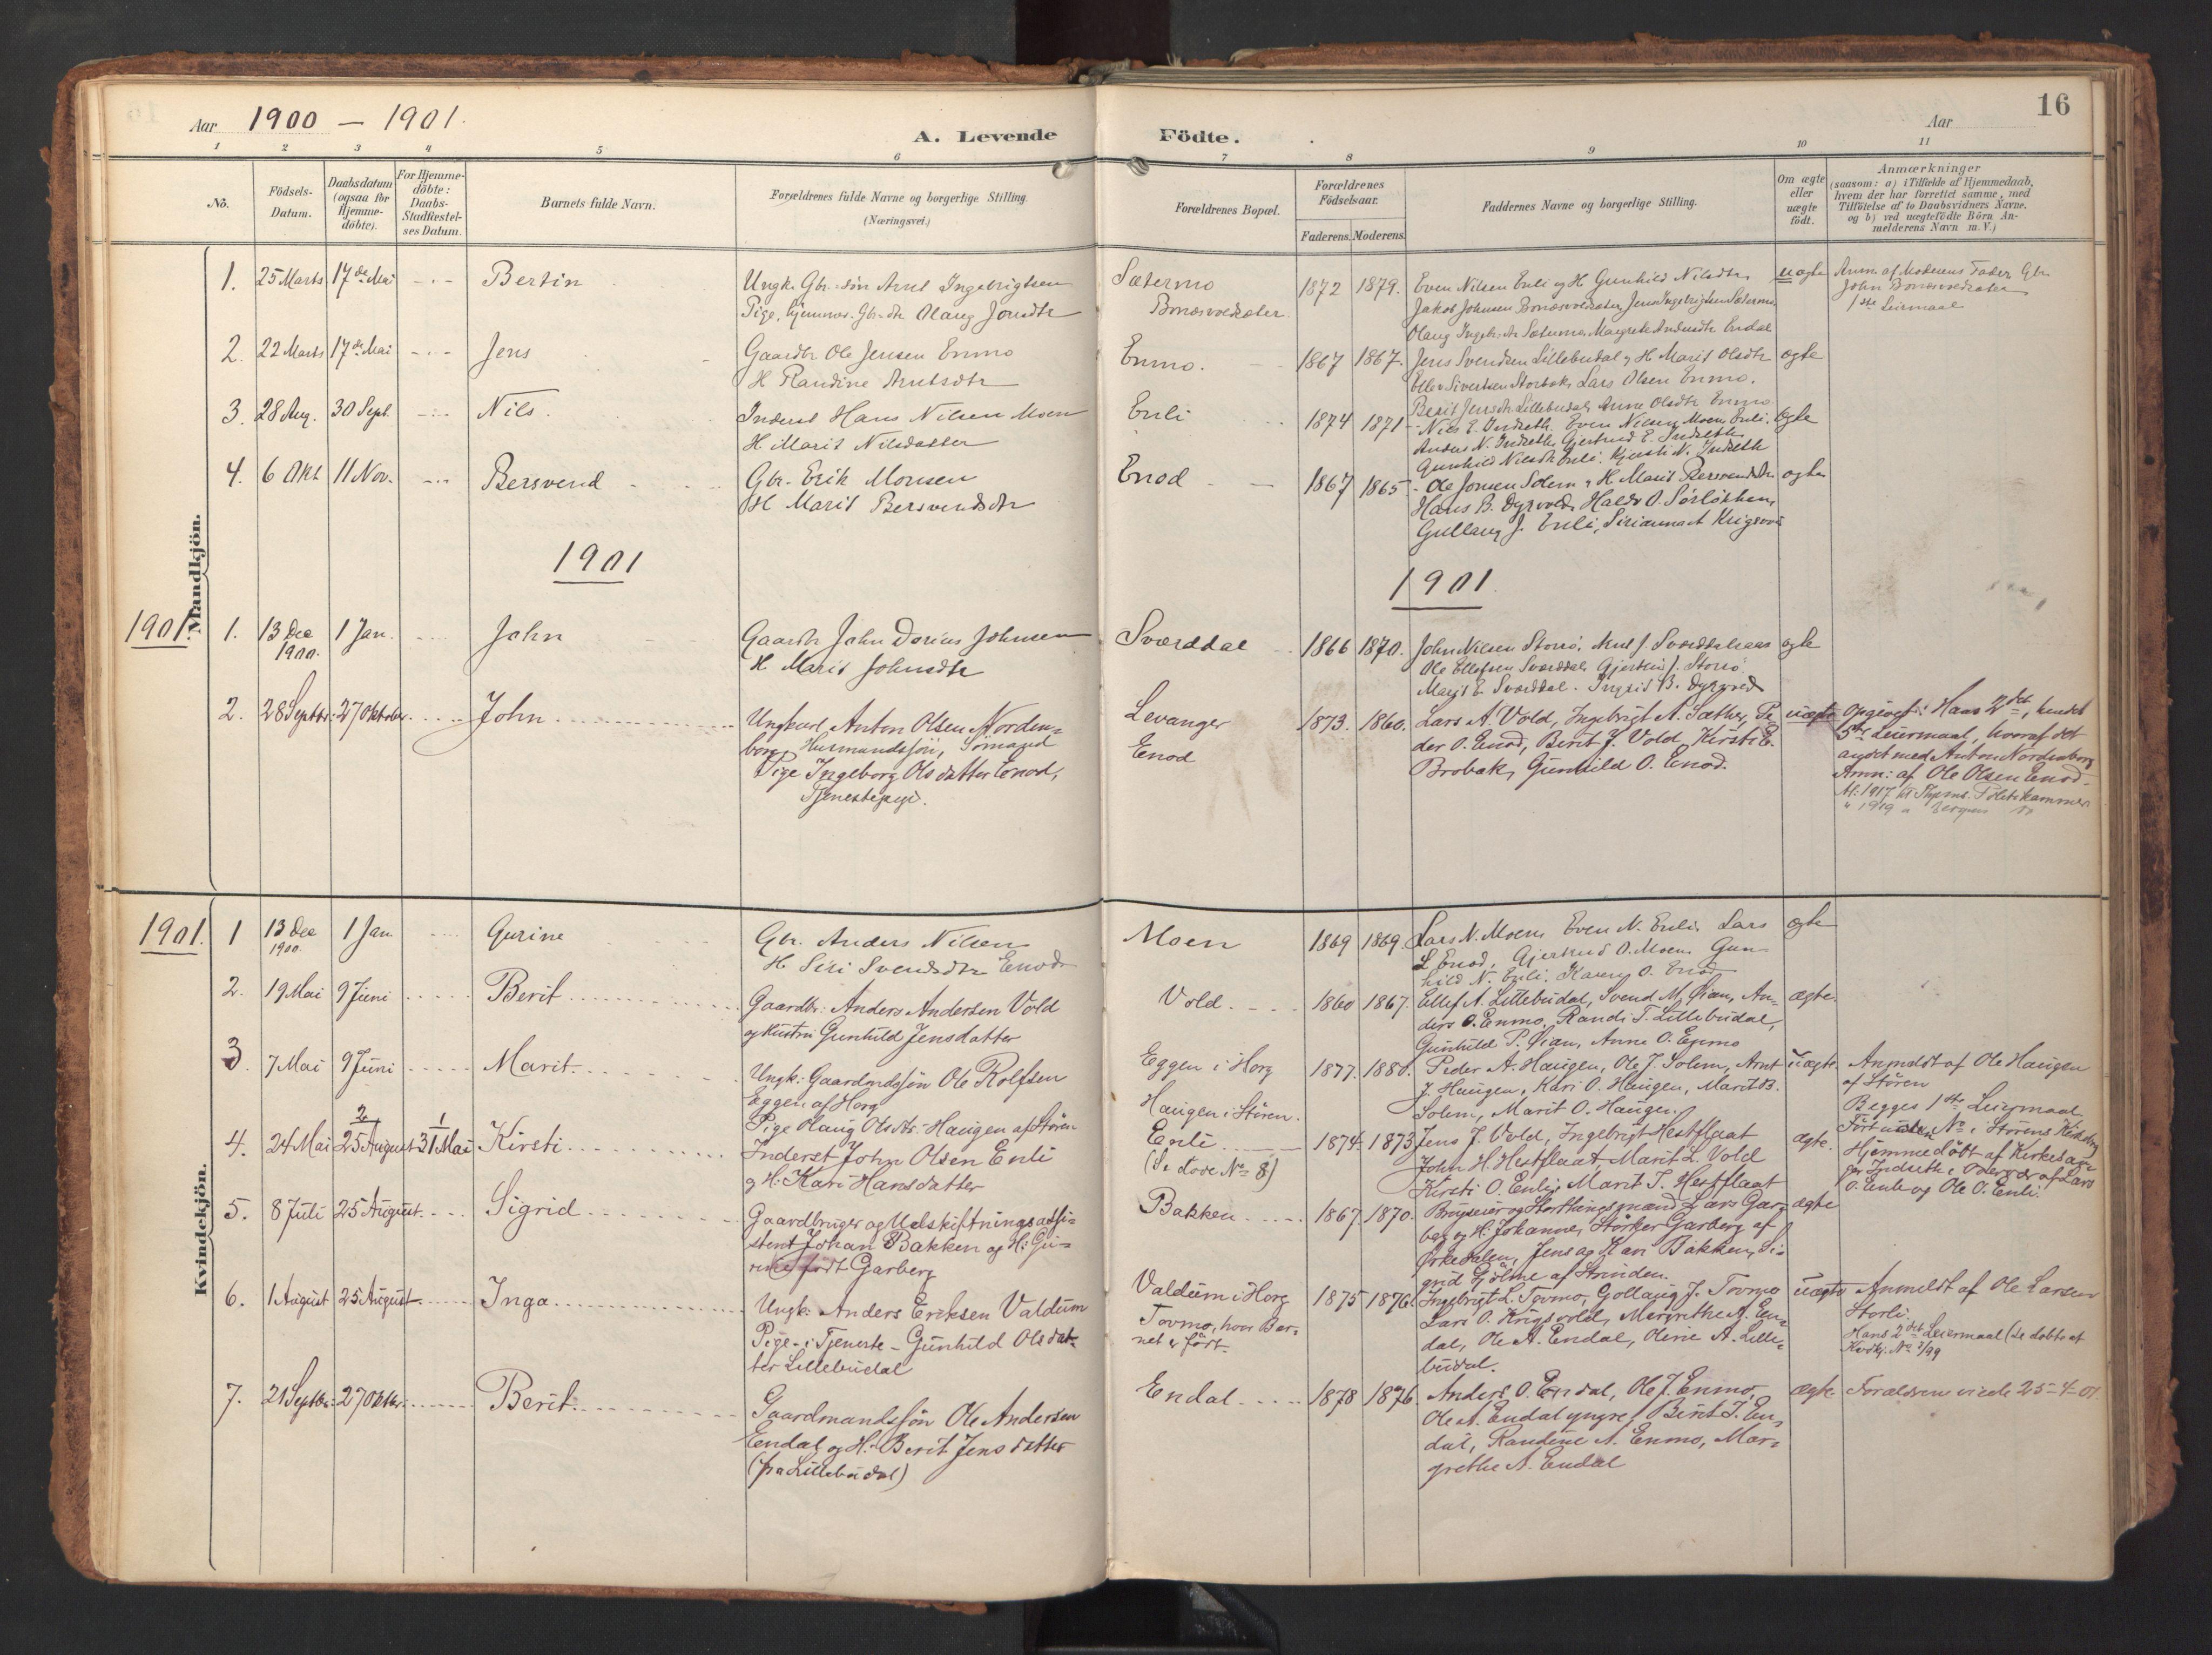 SAT, Ministerialprotokoller, klokkerbøker og fødselsregistre - Sør-Trøndelag, 690/L1050: Ministerialbok nr. 690A01, 1889-1929, s. 16